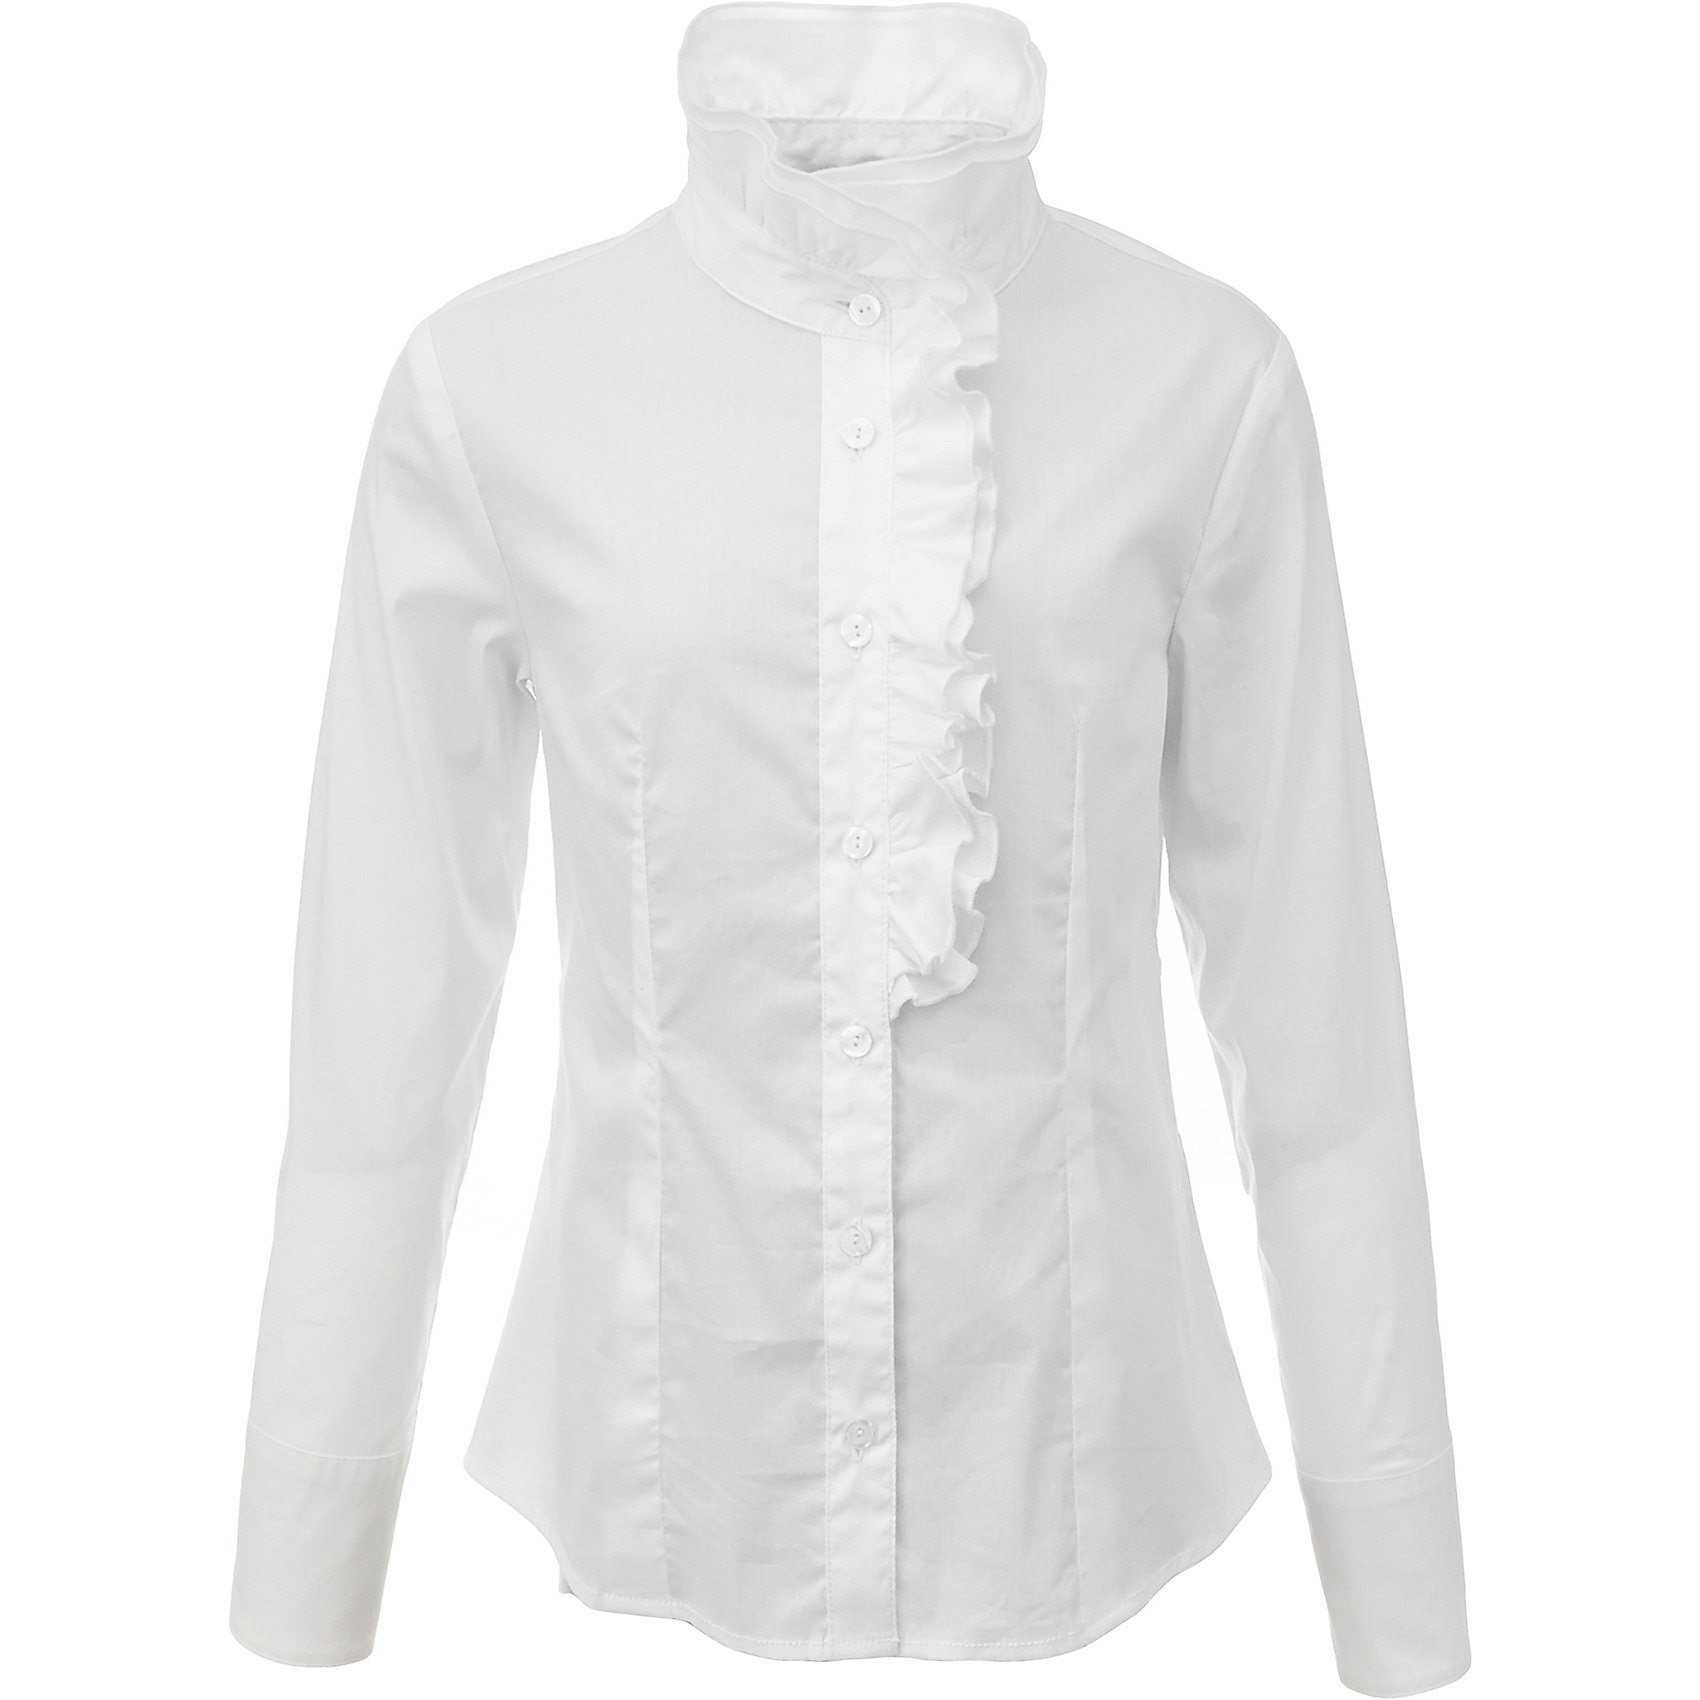 Блузка для девочки GulliverБлузки и рубашки<br>Какими должны быть красивые блузки для девочек? Блузка с жабо, с бантом, с рюшей или лаконичный строгий вариант без яркой отделки... Школьные блузки 2017 могут быть разными! Нарядная белая блузка хороша и для каждого дня, и для торжественных школьных мероприятий. Прекрасная ткань, красивая форма, элегантное оформление двойной асимметричной рюшей делают блузку интересной и привлекательной. Купить детскую блузку стоит в преддверии учебного года, ведь 1 сентября эта модель понадобится как никогда. Она подчеркнет торжественность момента, сделав образ школьницы нарядным, элегантным, изысканным.<br>Состав:<br>75% хлопок 23% полиэстер 2% эластан<br><br>Ширина мм: 186<br>Глубина мм: 87<br>Высота мм: 198<br>Вес г: 197<br>Цвет: белый<br>Возраст от месяцев: 168<br>Возраст до месяцев: 180<br>Пол: Женский<br>Возраст: Детский<br>Размер: 170,122,128,134,140,146,152,158,164<br>SKU: 6678708